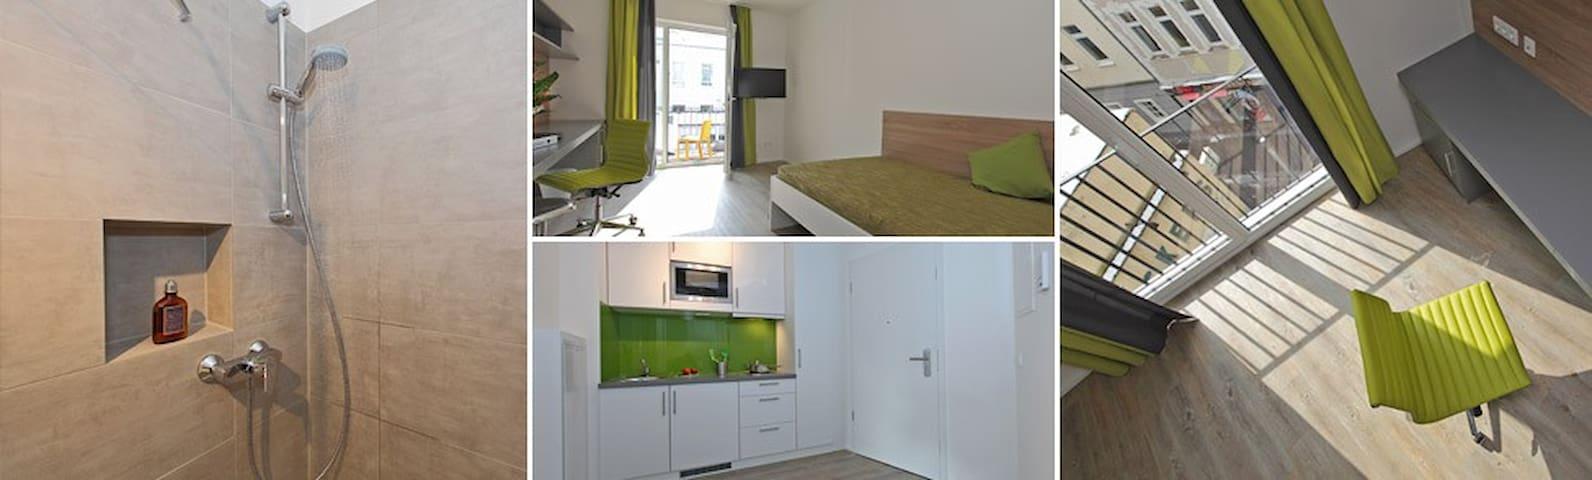 Voll möbliertes Zimmer im Bonner Zentrum - 波恩 - 公寓